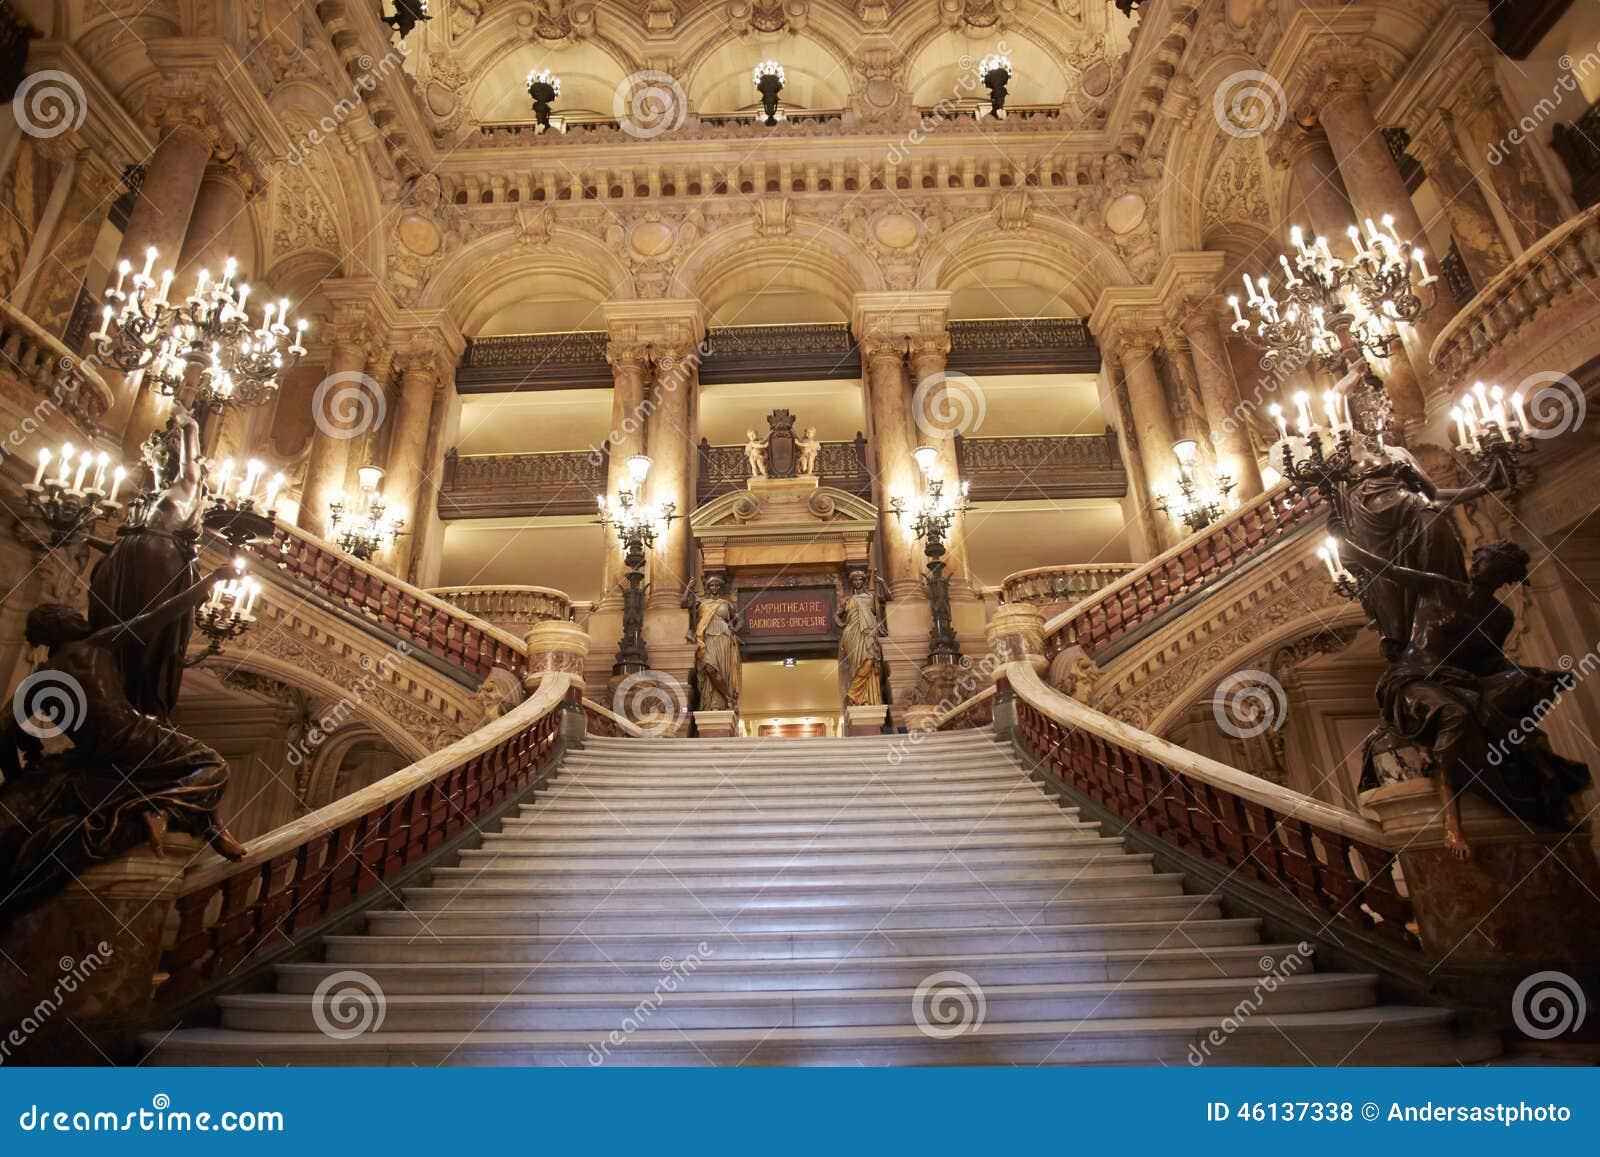 Opera Garnier Stairway Interior In Paris Editorial Stock